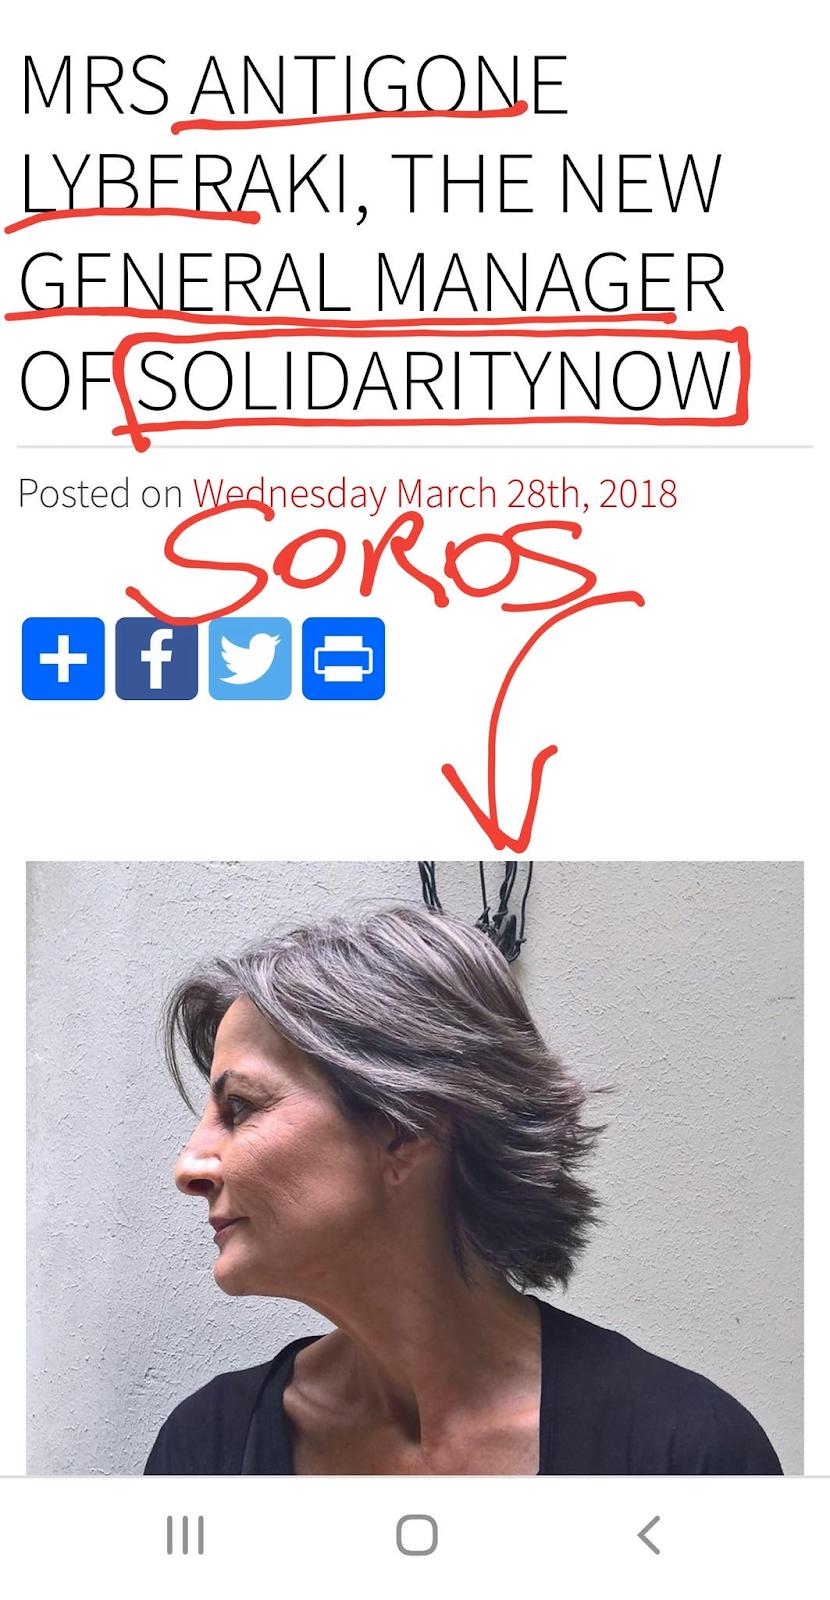 Ξαδέρφη Λυμπεράκη και υπουργός Ζαβός στη δούλεψη του Σόρος – Οι εικόνες αυτές παίζουν ρόλο στην πολιτική της κυβέρνησης στο μεταναστευτικό;